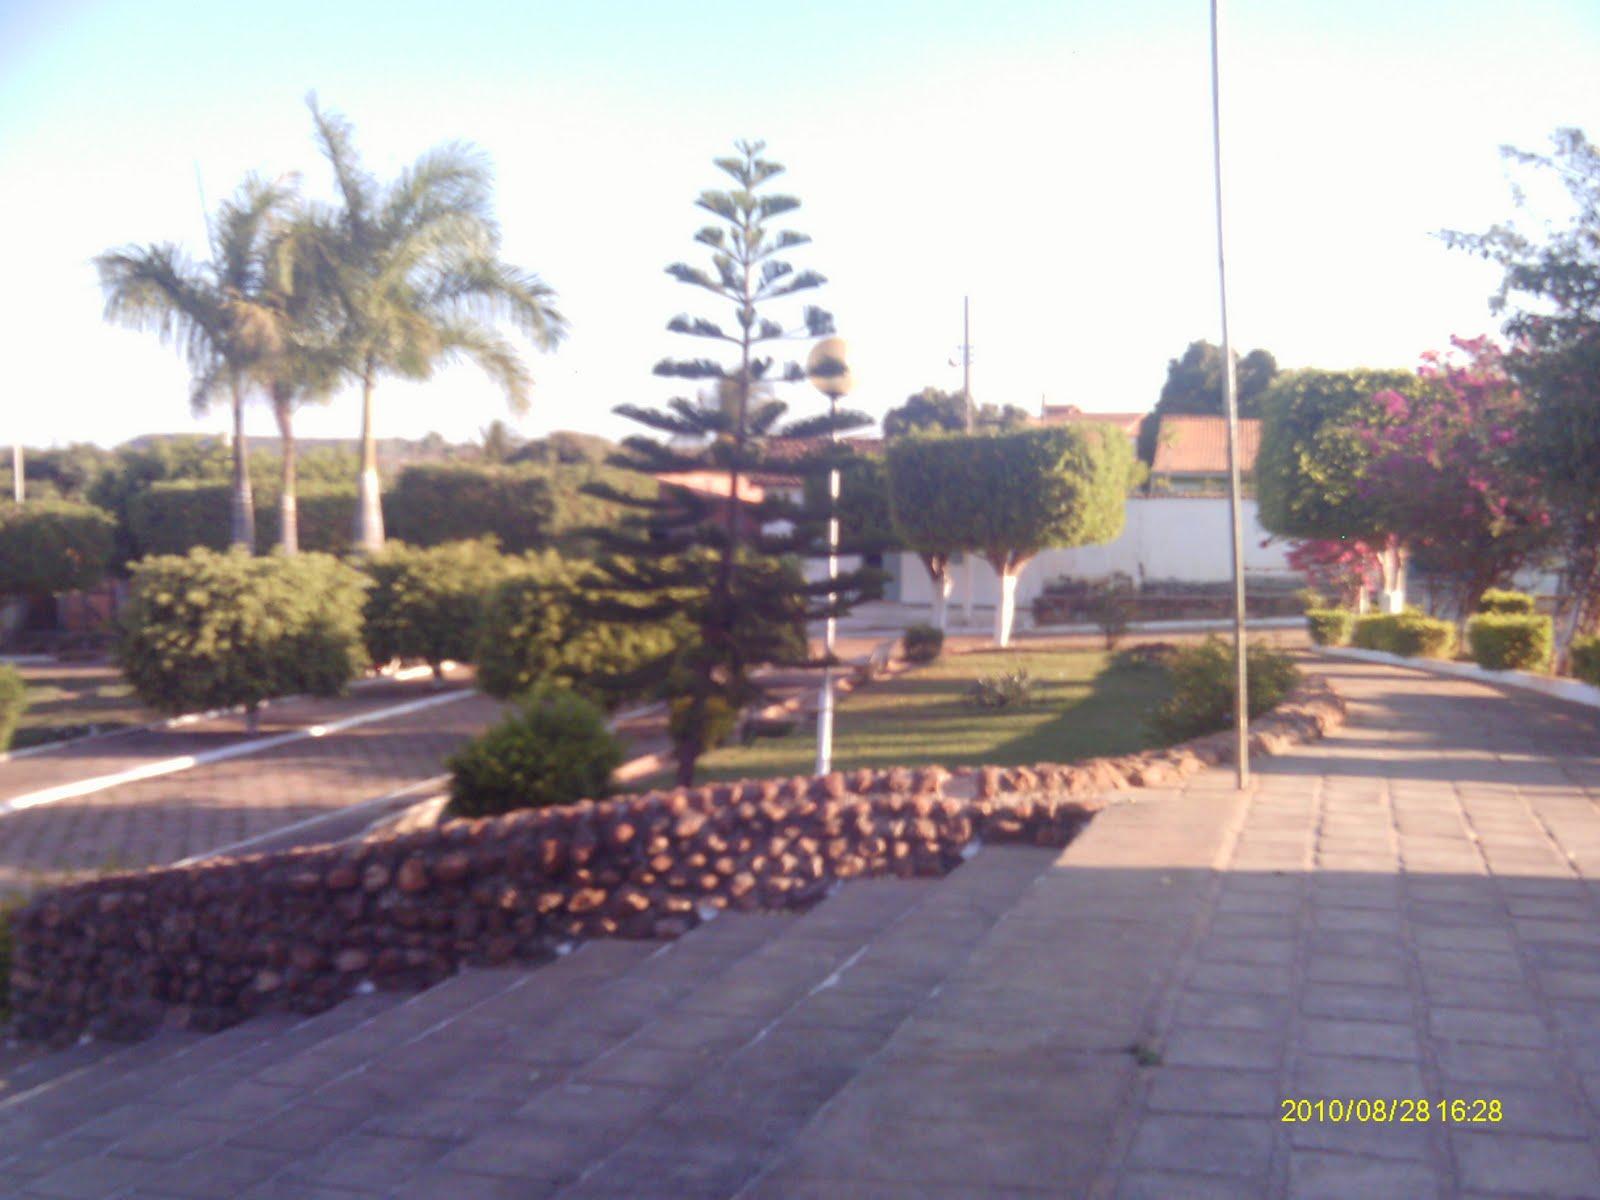 Ibiracatu Minas Gerais fonte: 3.bp.blogspot.com